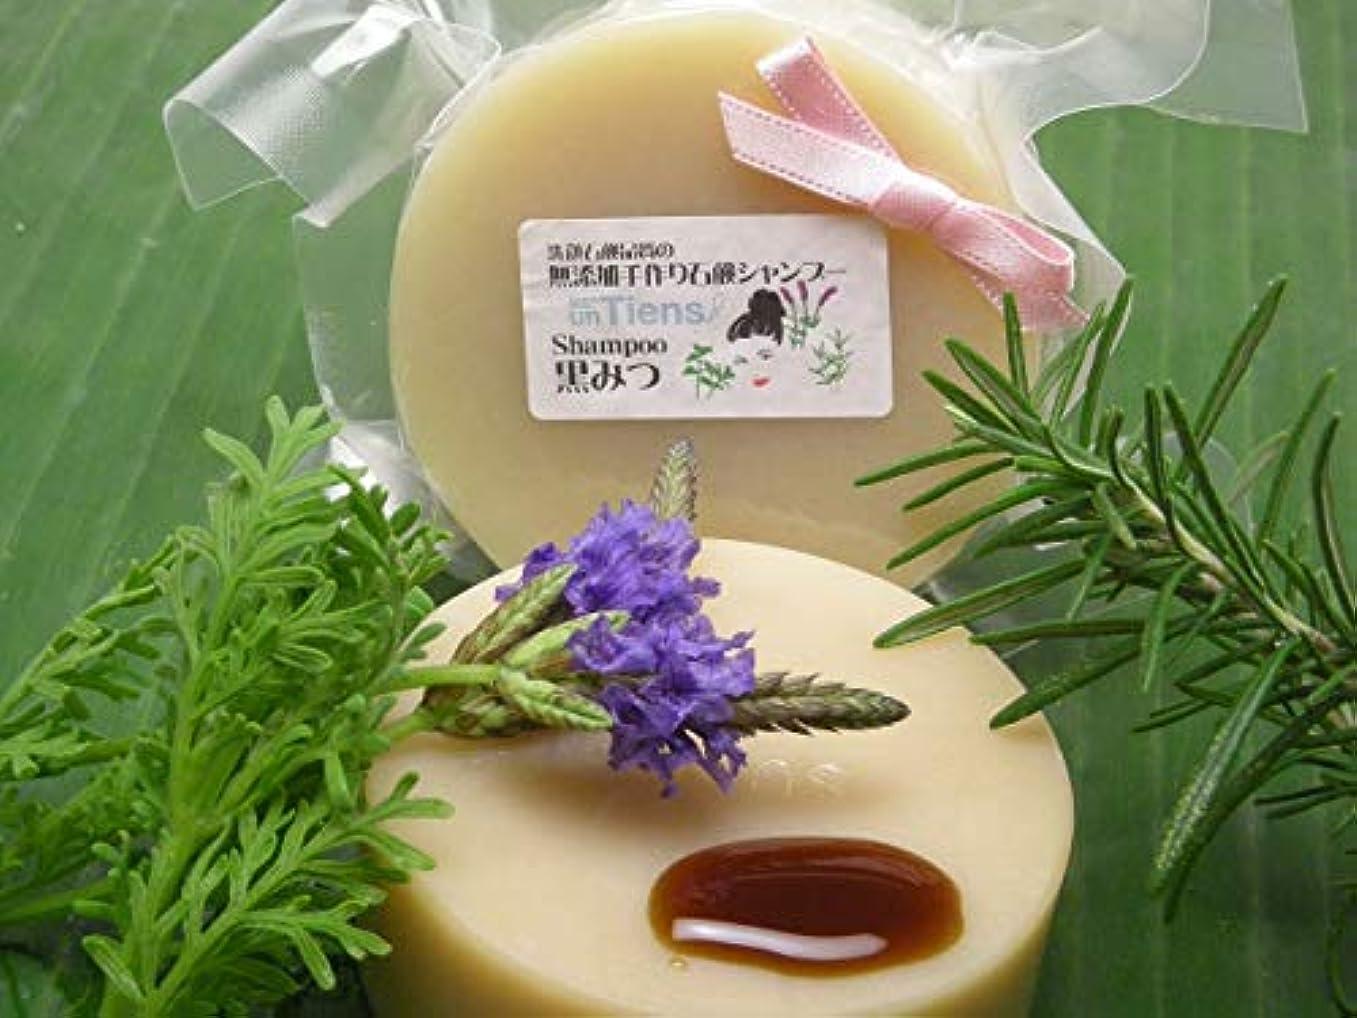 芸術的テキストカレンダー洗顔石鹸品質の無添加手作り固形石鹸シャンプー 「黒みつ」たっぷり使える丸型100g